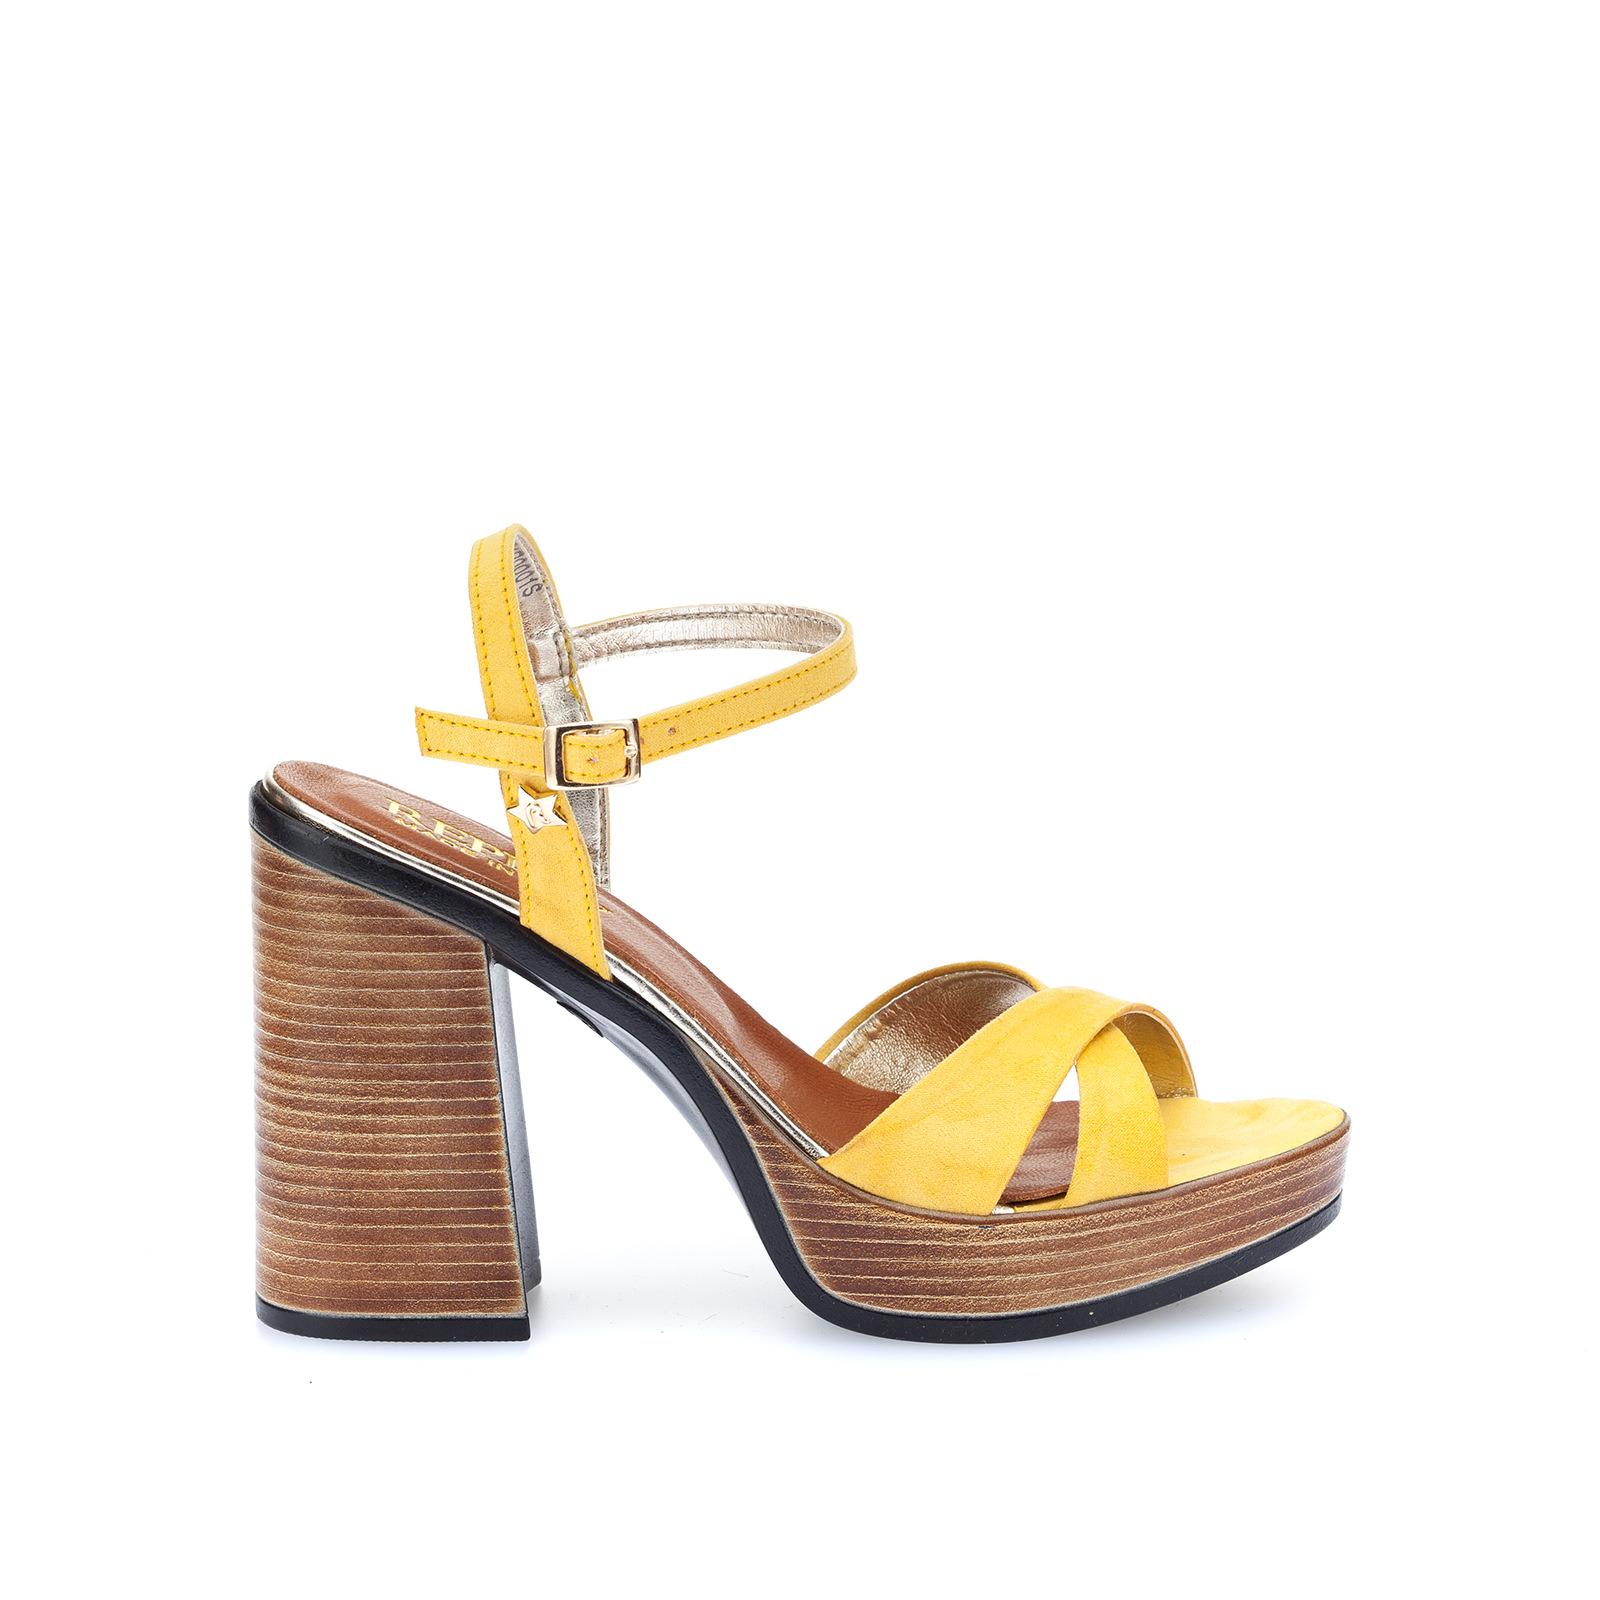 f169a045fdd4 DESIN ženske sandale na petu - Idealno.ba